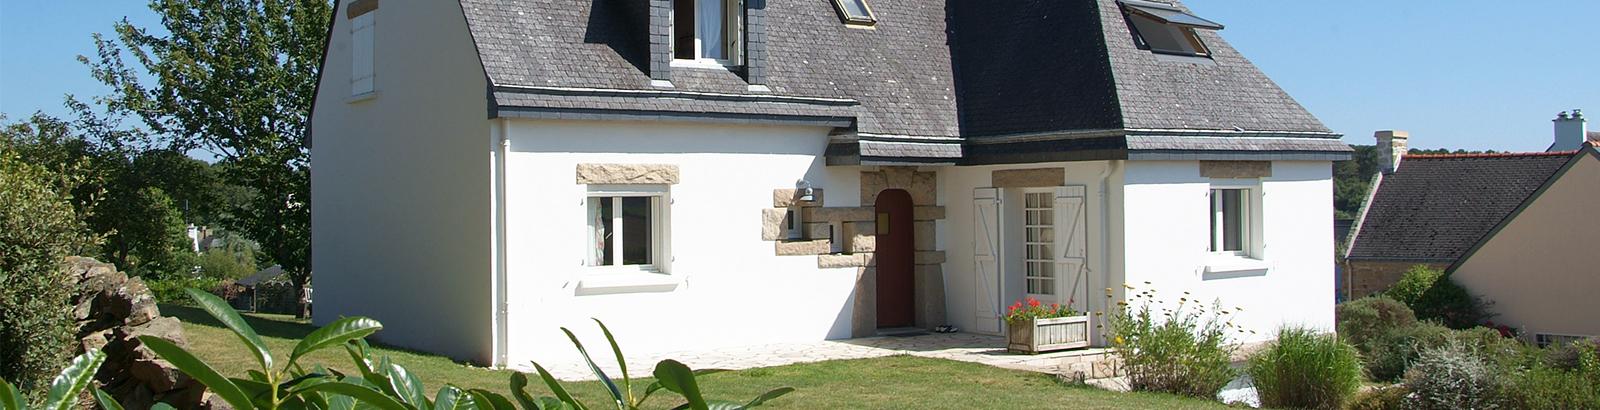 Vakantie huis Villa Er Scoudec voor 14 personen